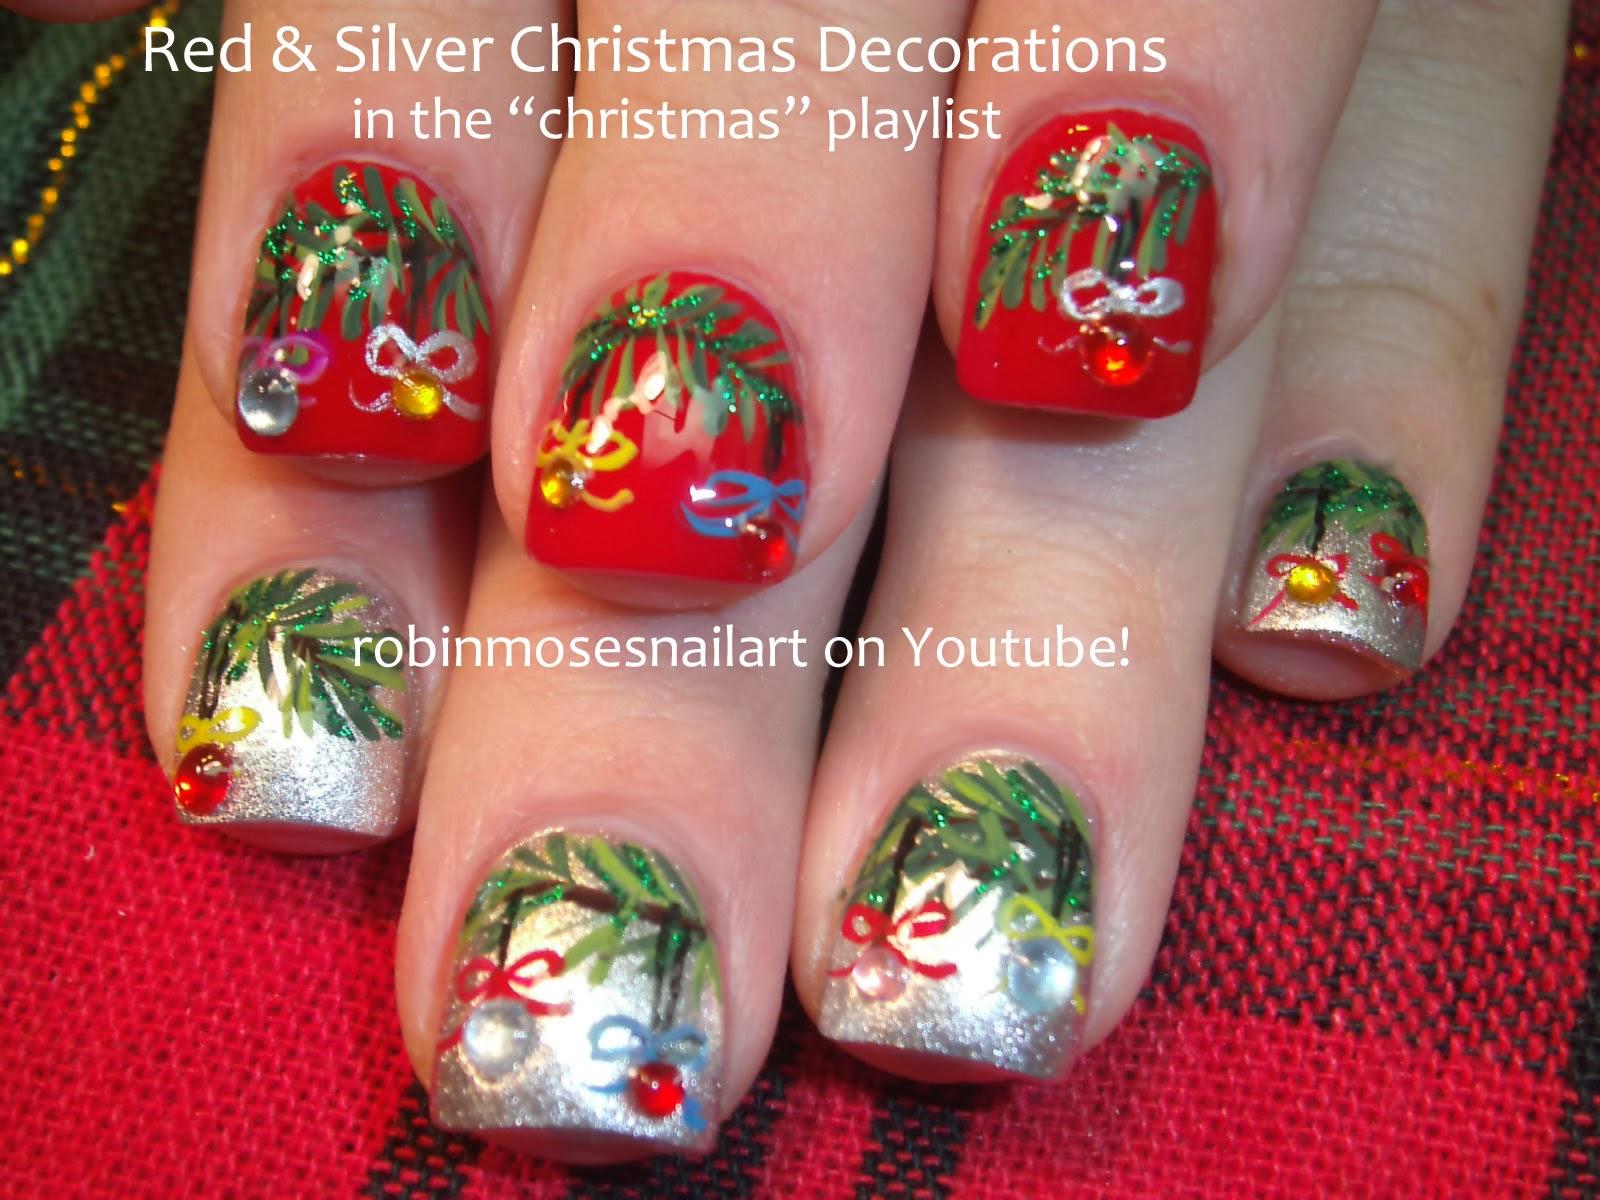 Robin moses nail art nail art sexy christmas nails christmas christmas wreath nail art prinsesfo Image collections